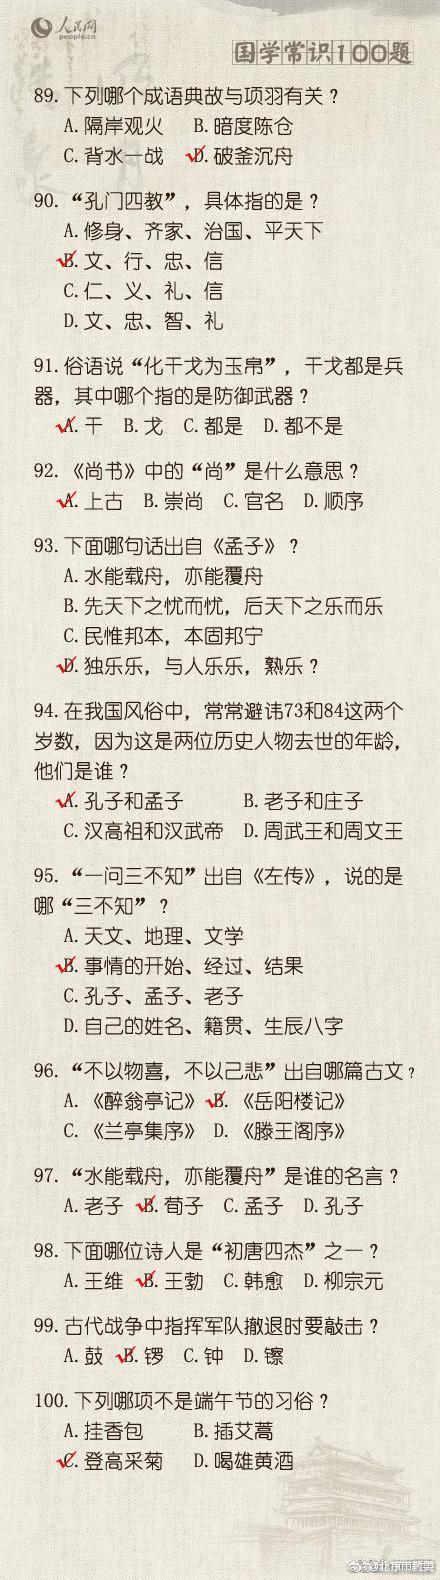 声明:本文内容来源于北京市教委微博